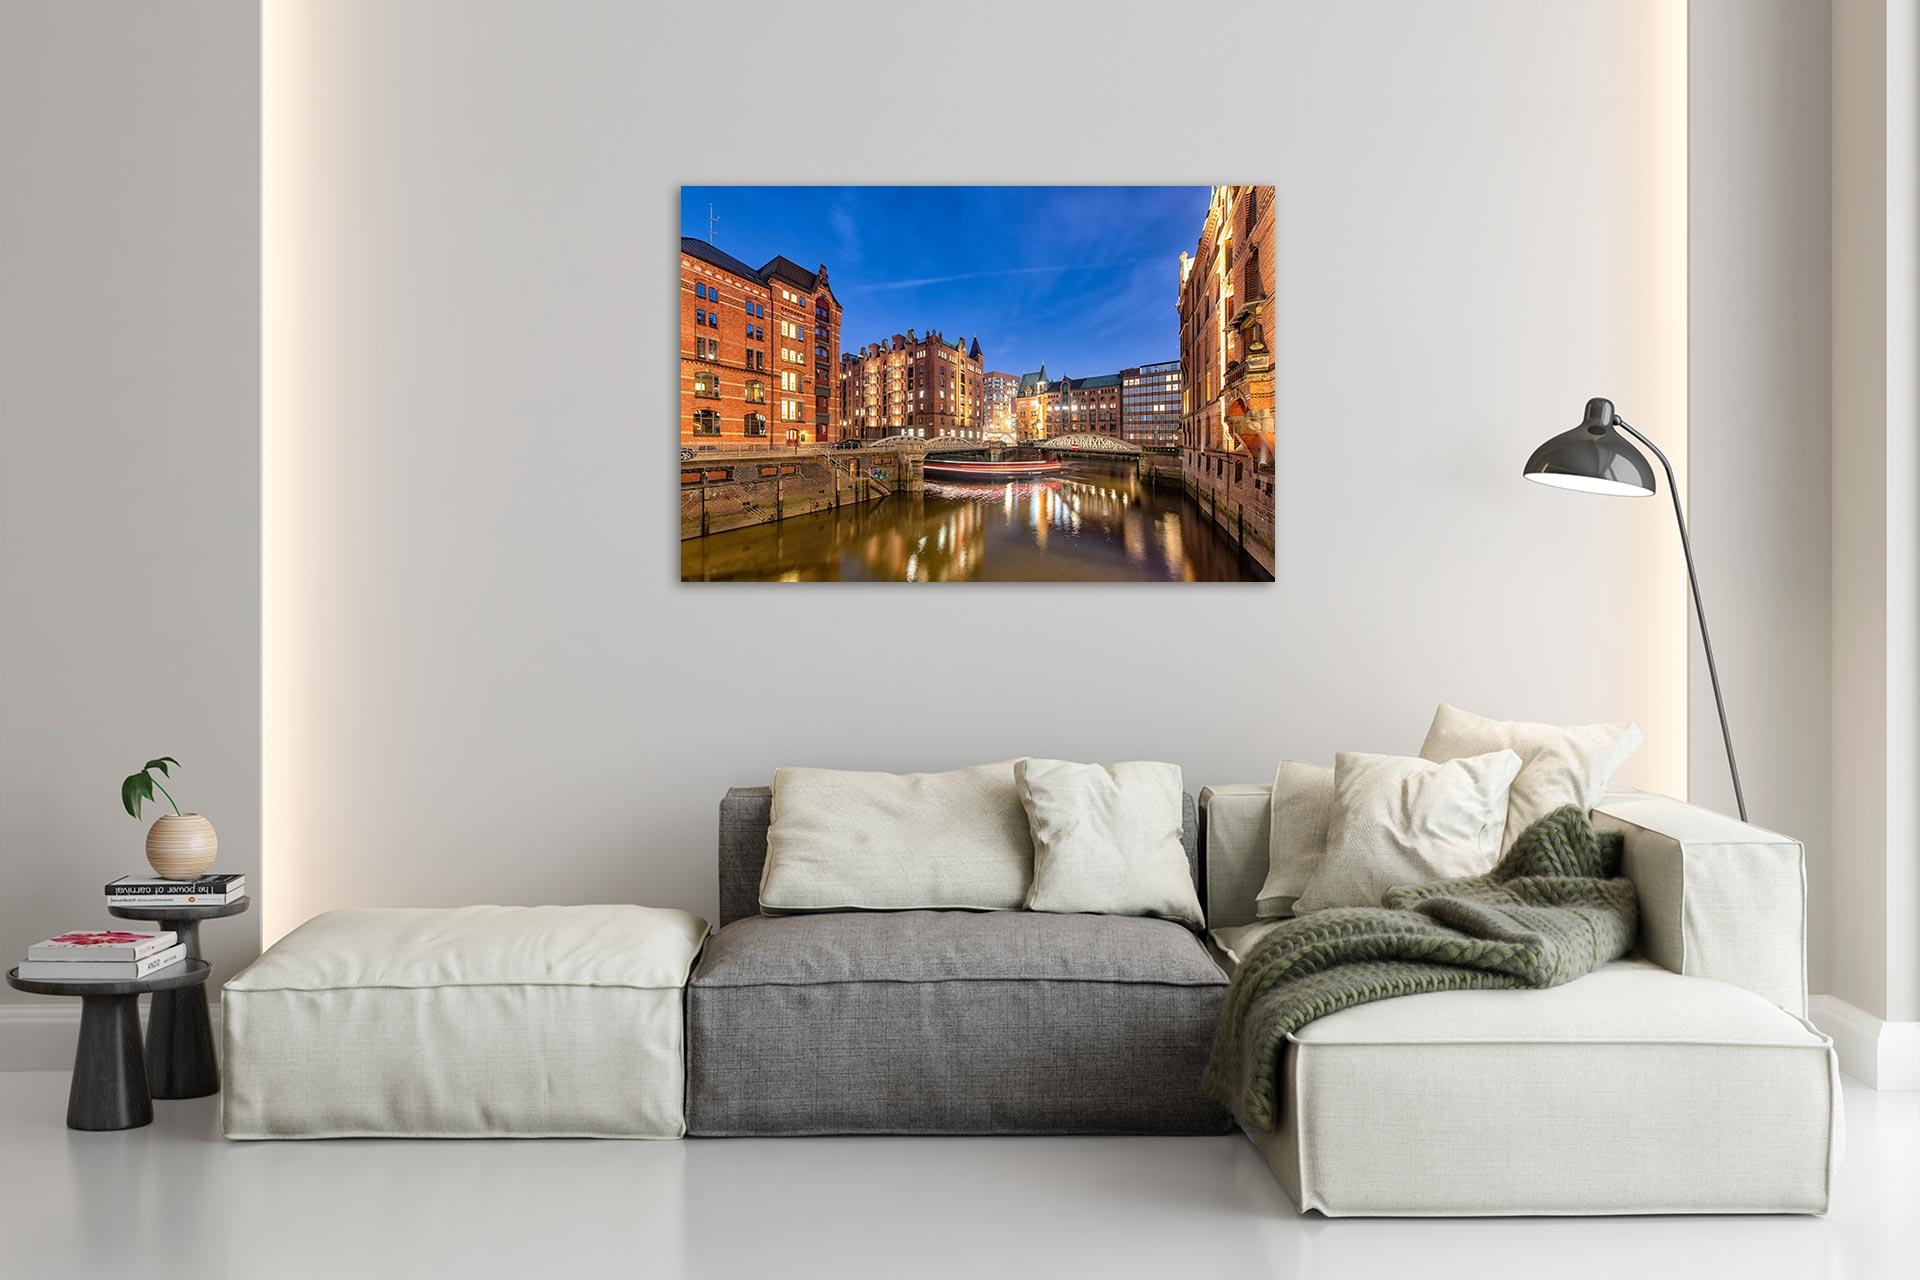 NL083-kleines-fleet-hamburg-wandbild-bild-auf-leinwand-acrylglas-aludibond-wohnzimmer